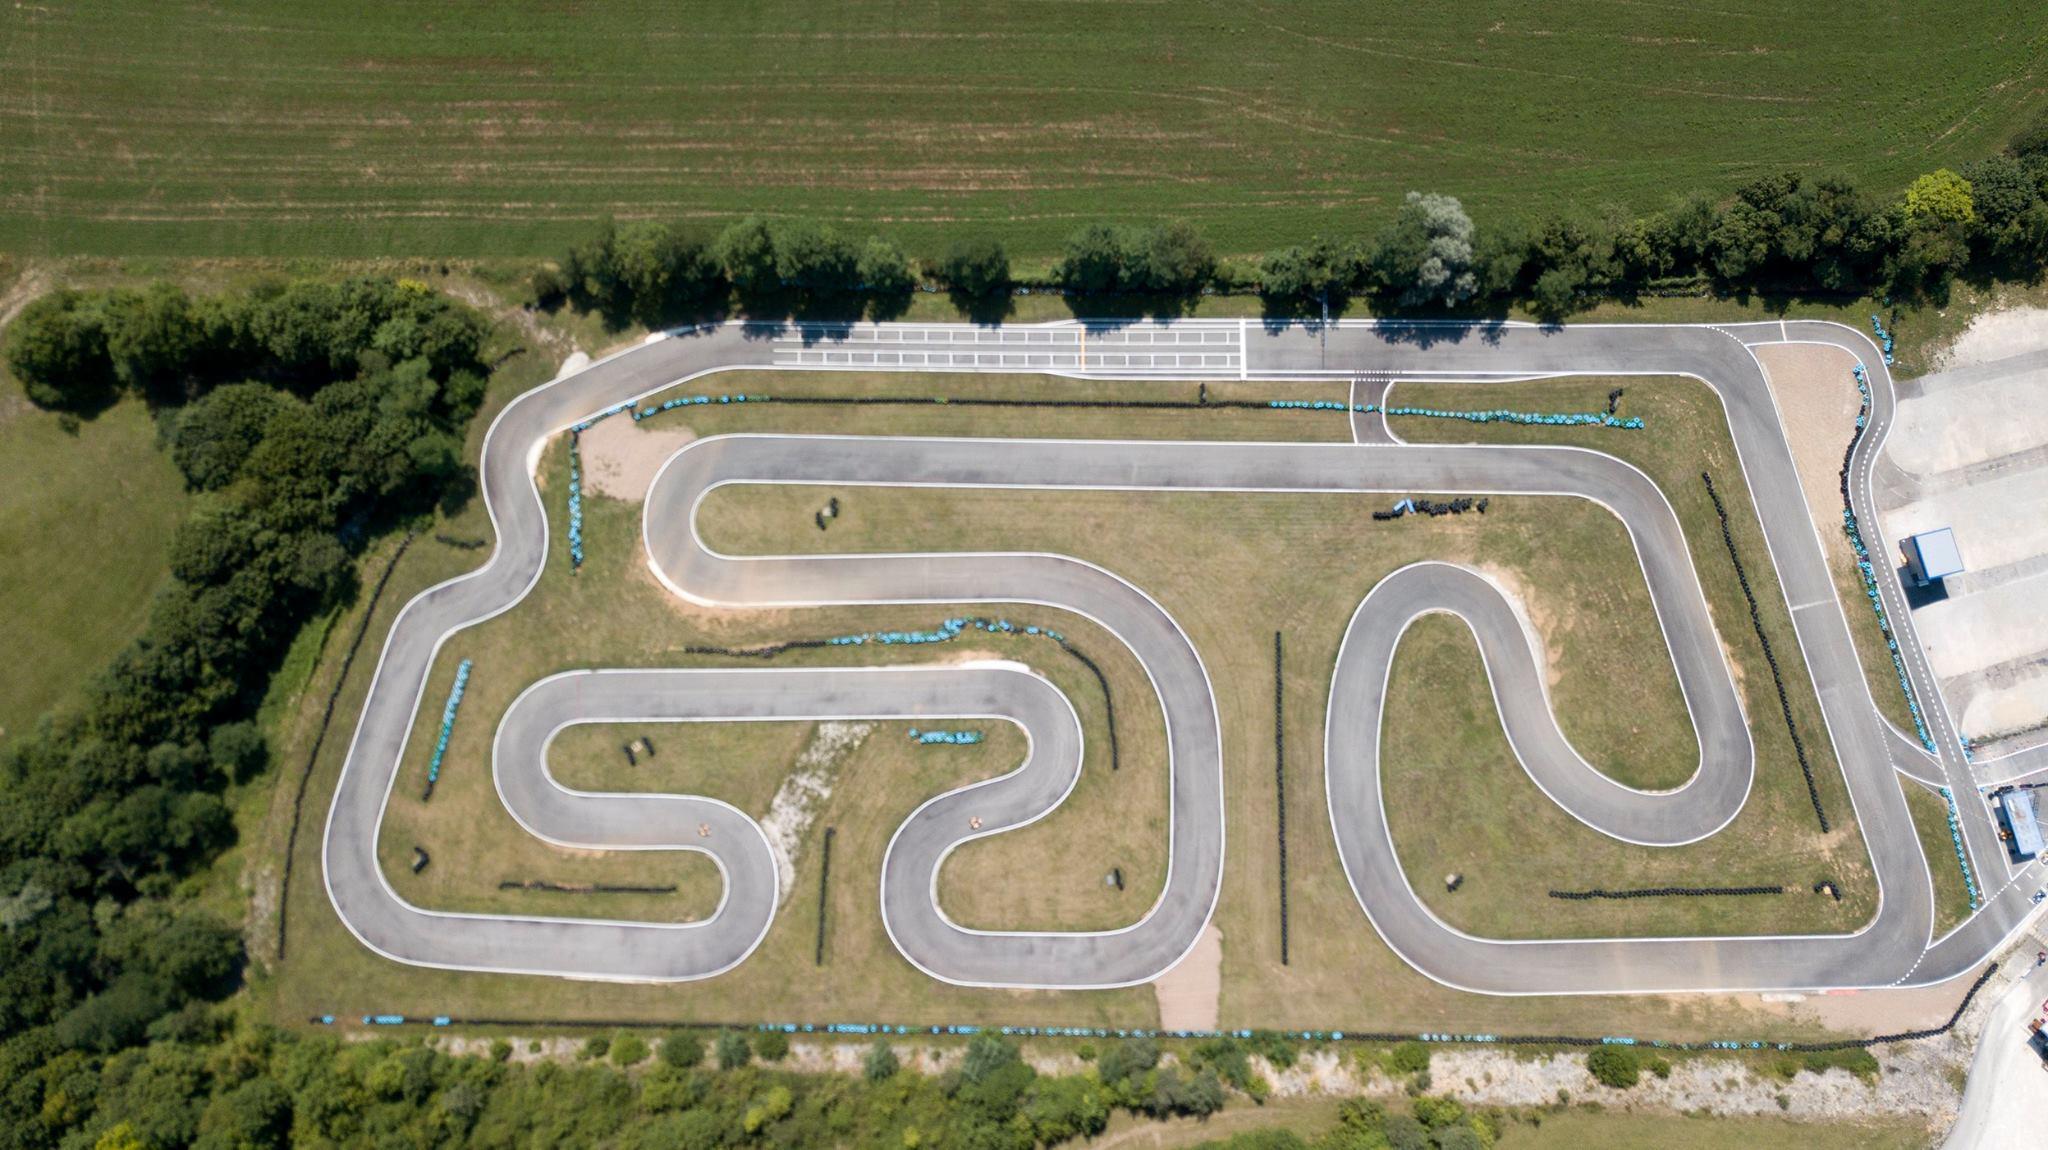 """Résultat de recherche d'images pour """"karting autoreille"""""""